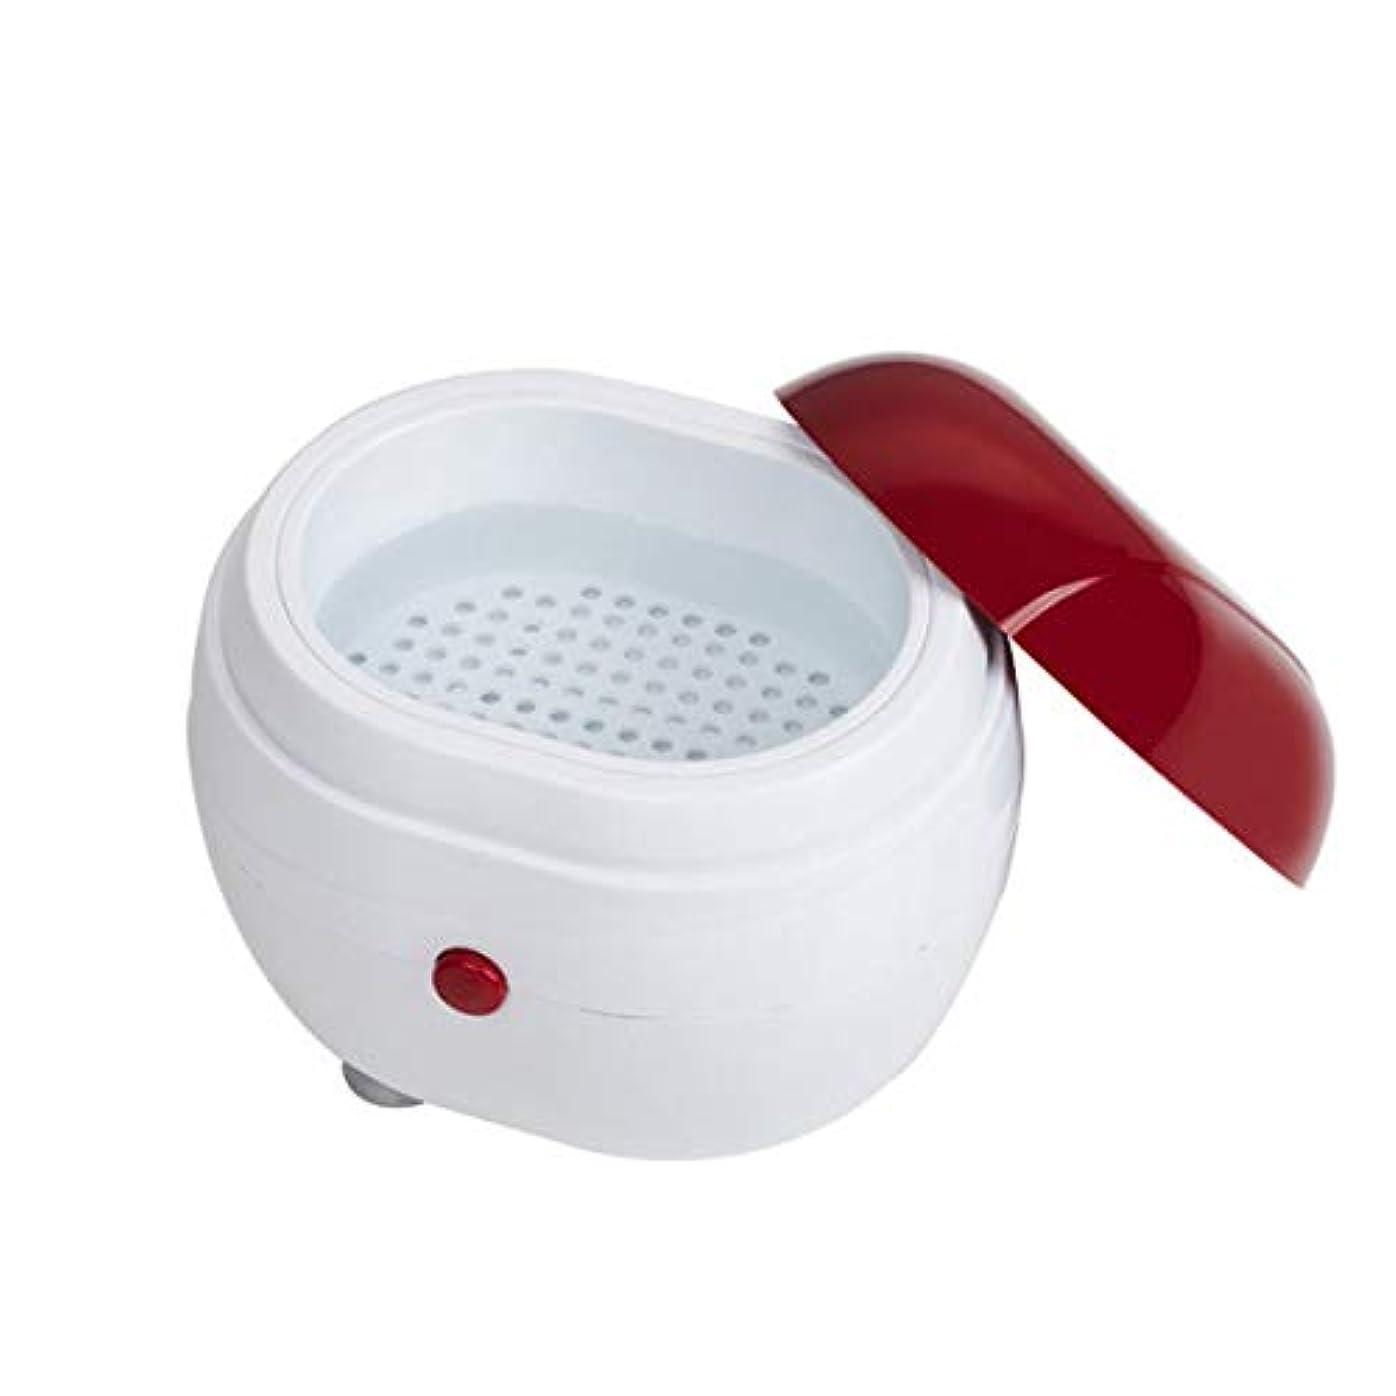 絶対の刺します電気MolySun 歯用ツール 歯清潔 ポータブル超音波洗浄機家庭用ジュエリーレンズ時計入れ歯洗浄機洗濯機クリーナークリーニングボックス 赤と白